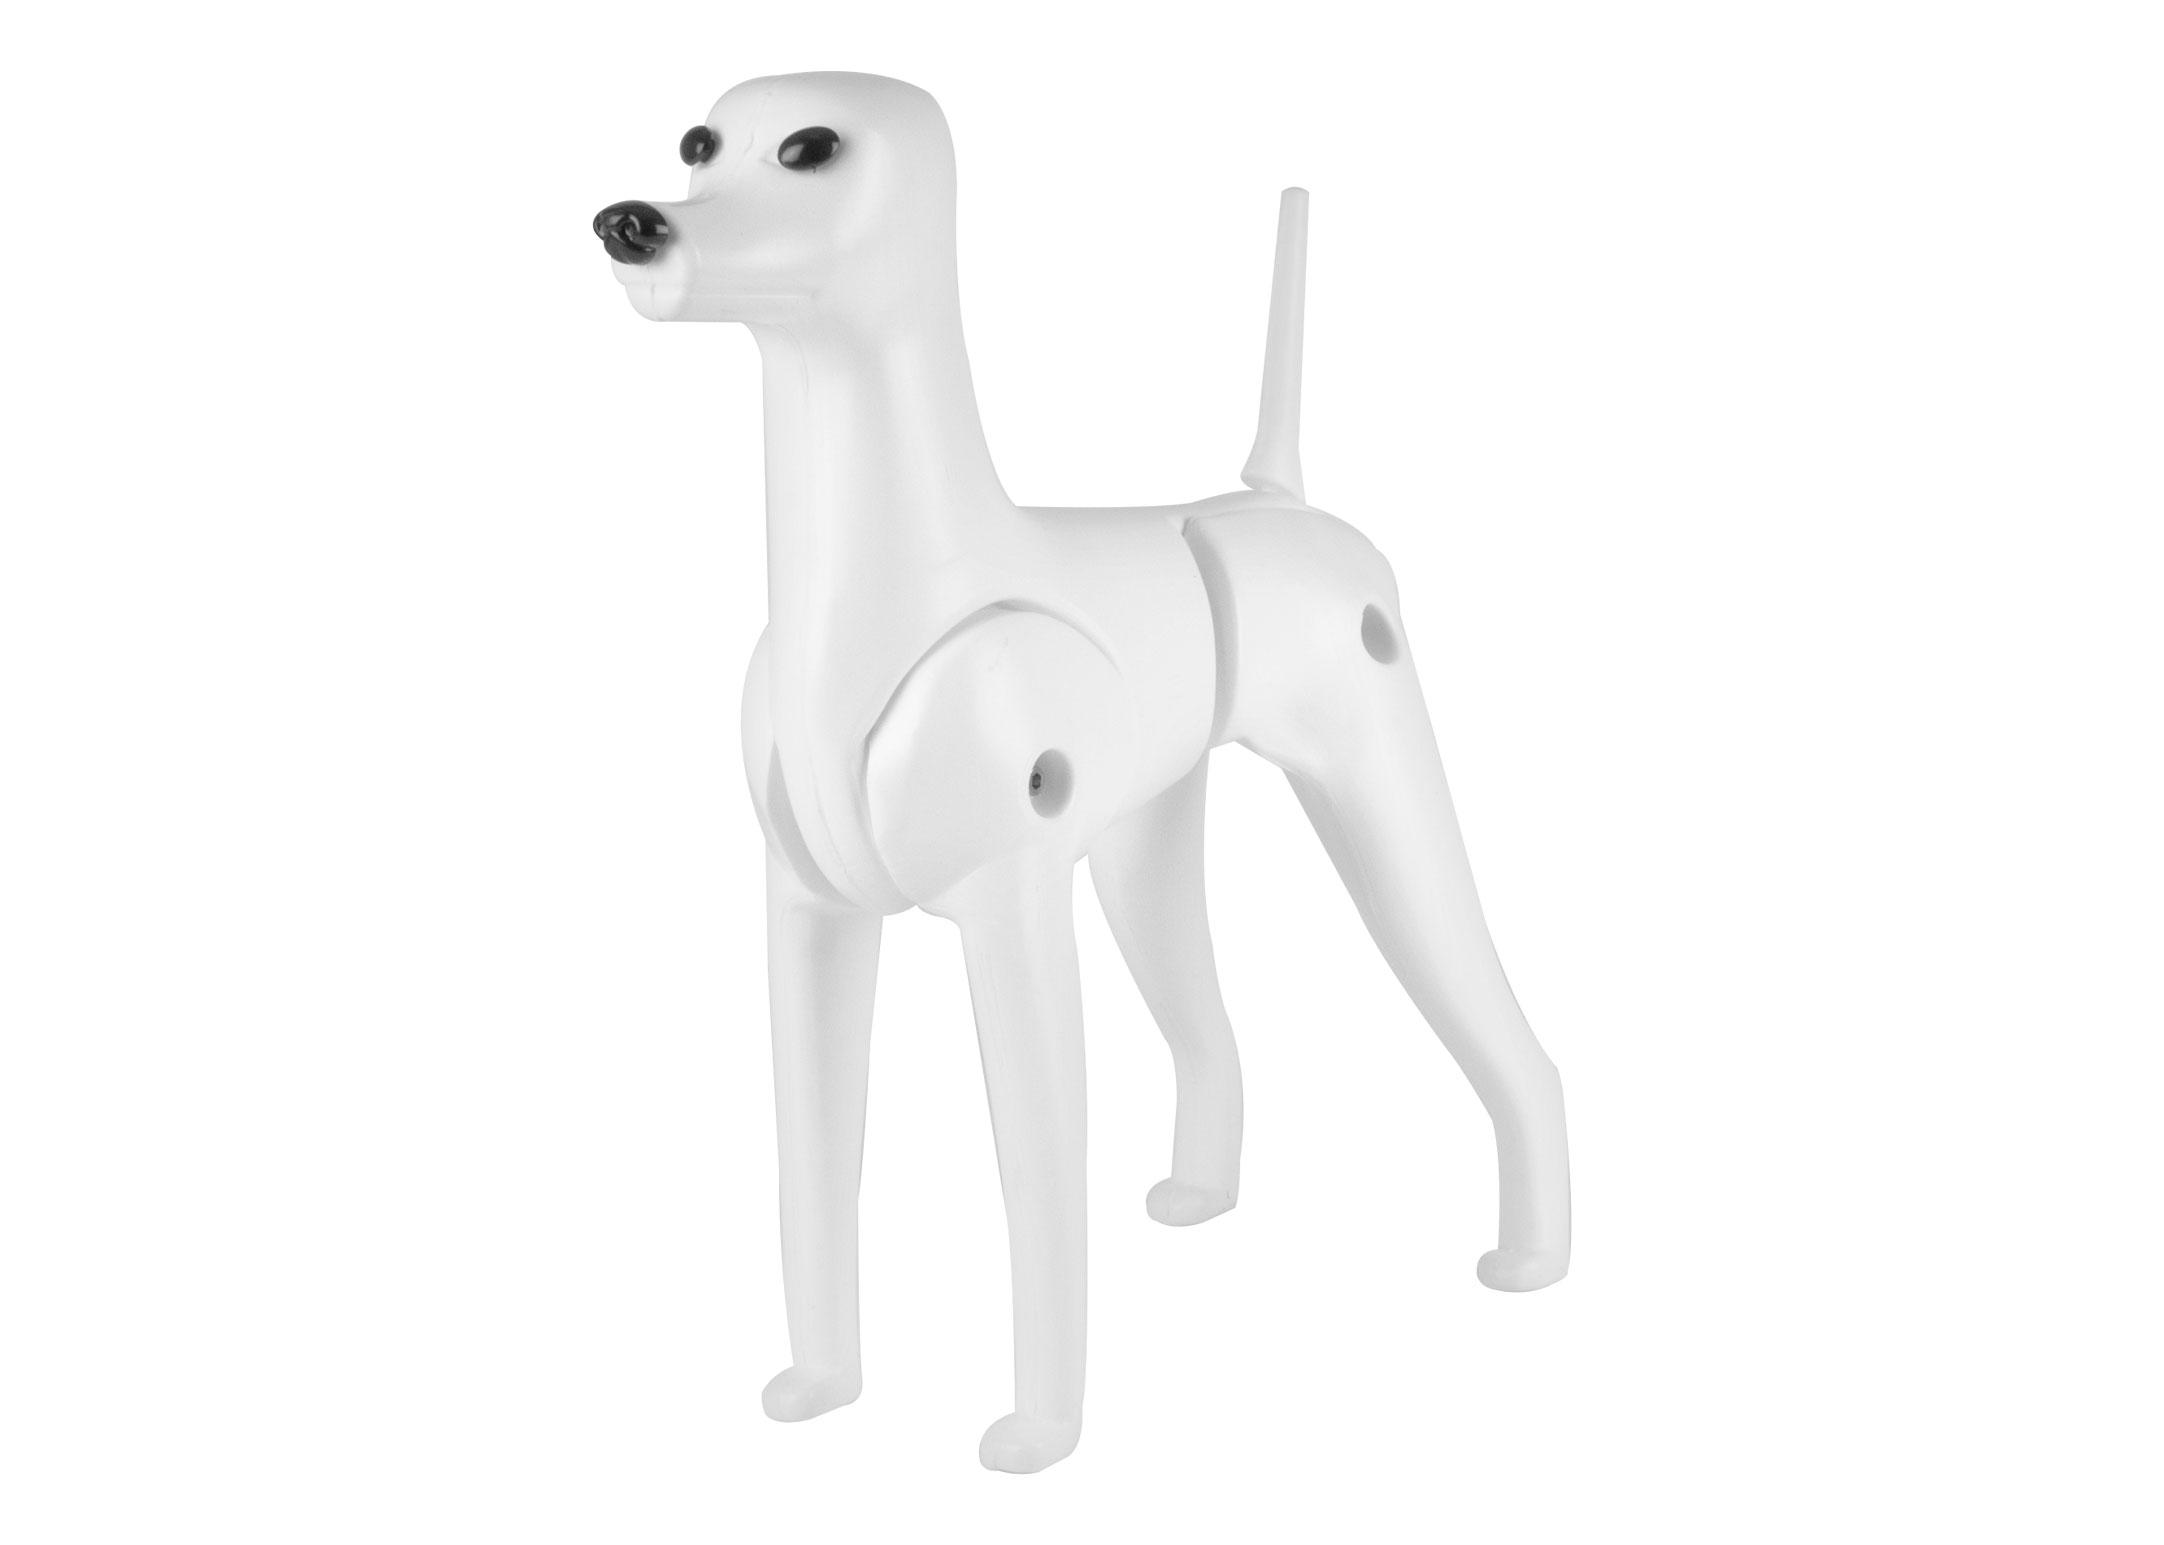 Starzclub Model Dog Poodle Educational Dog